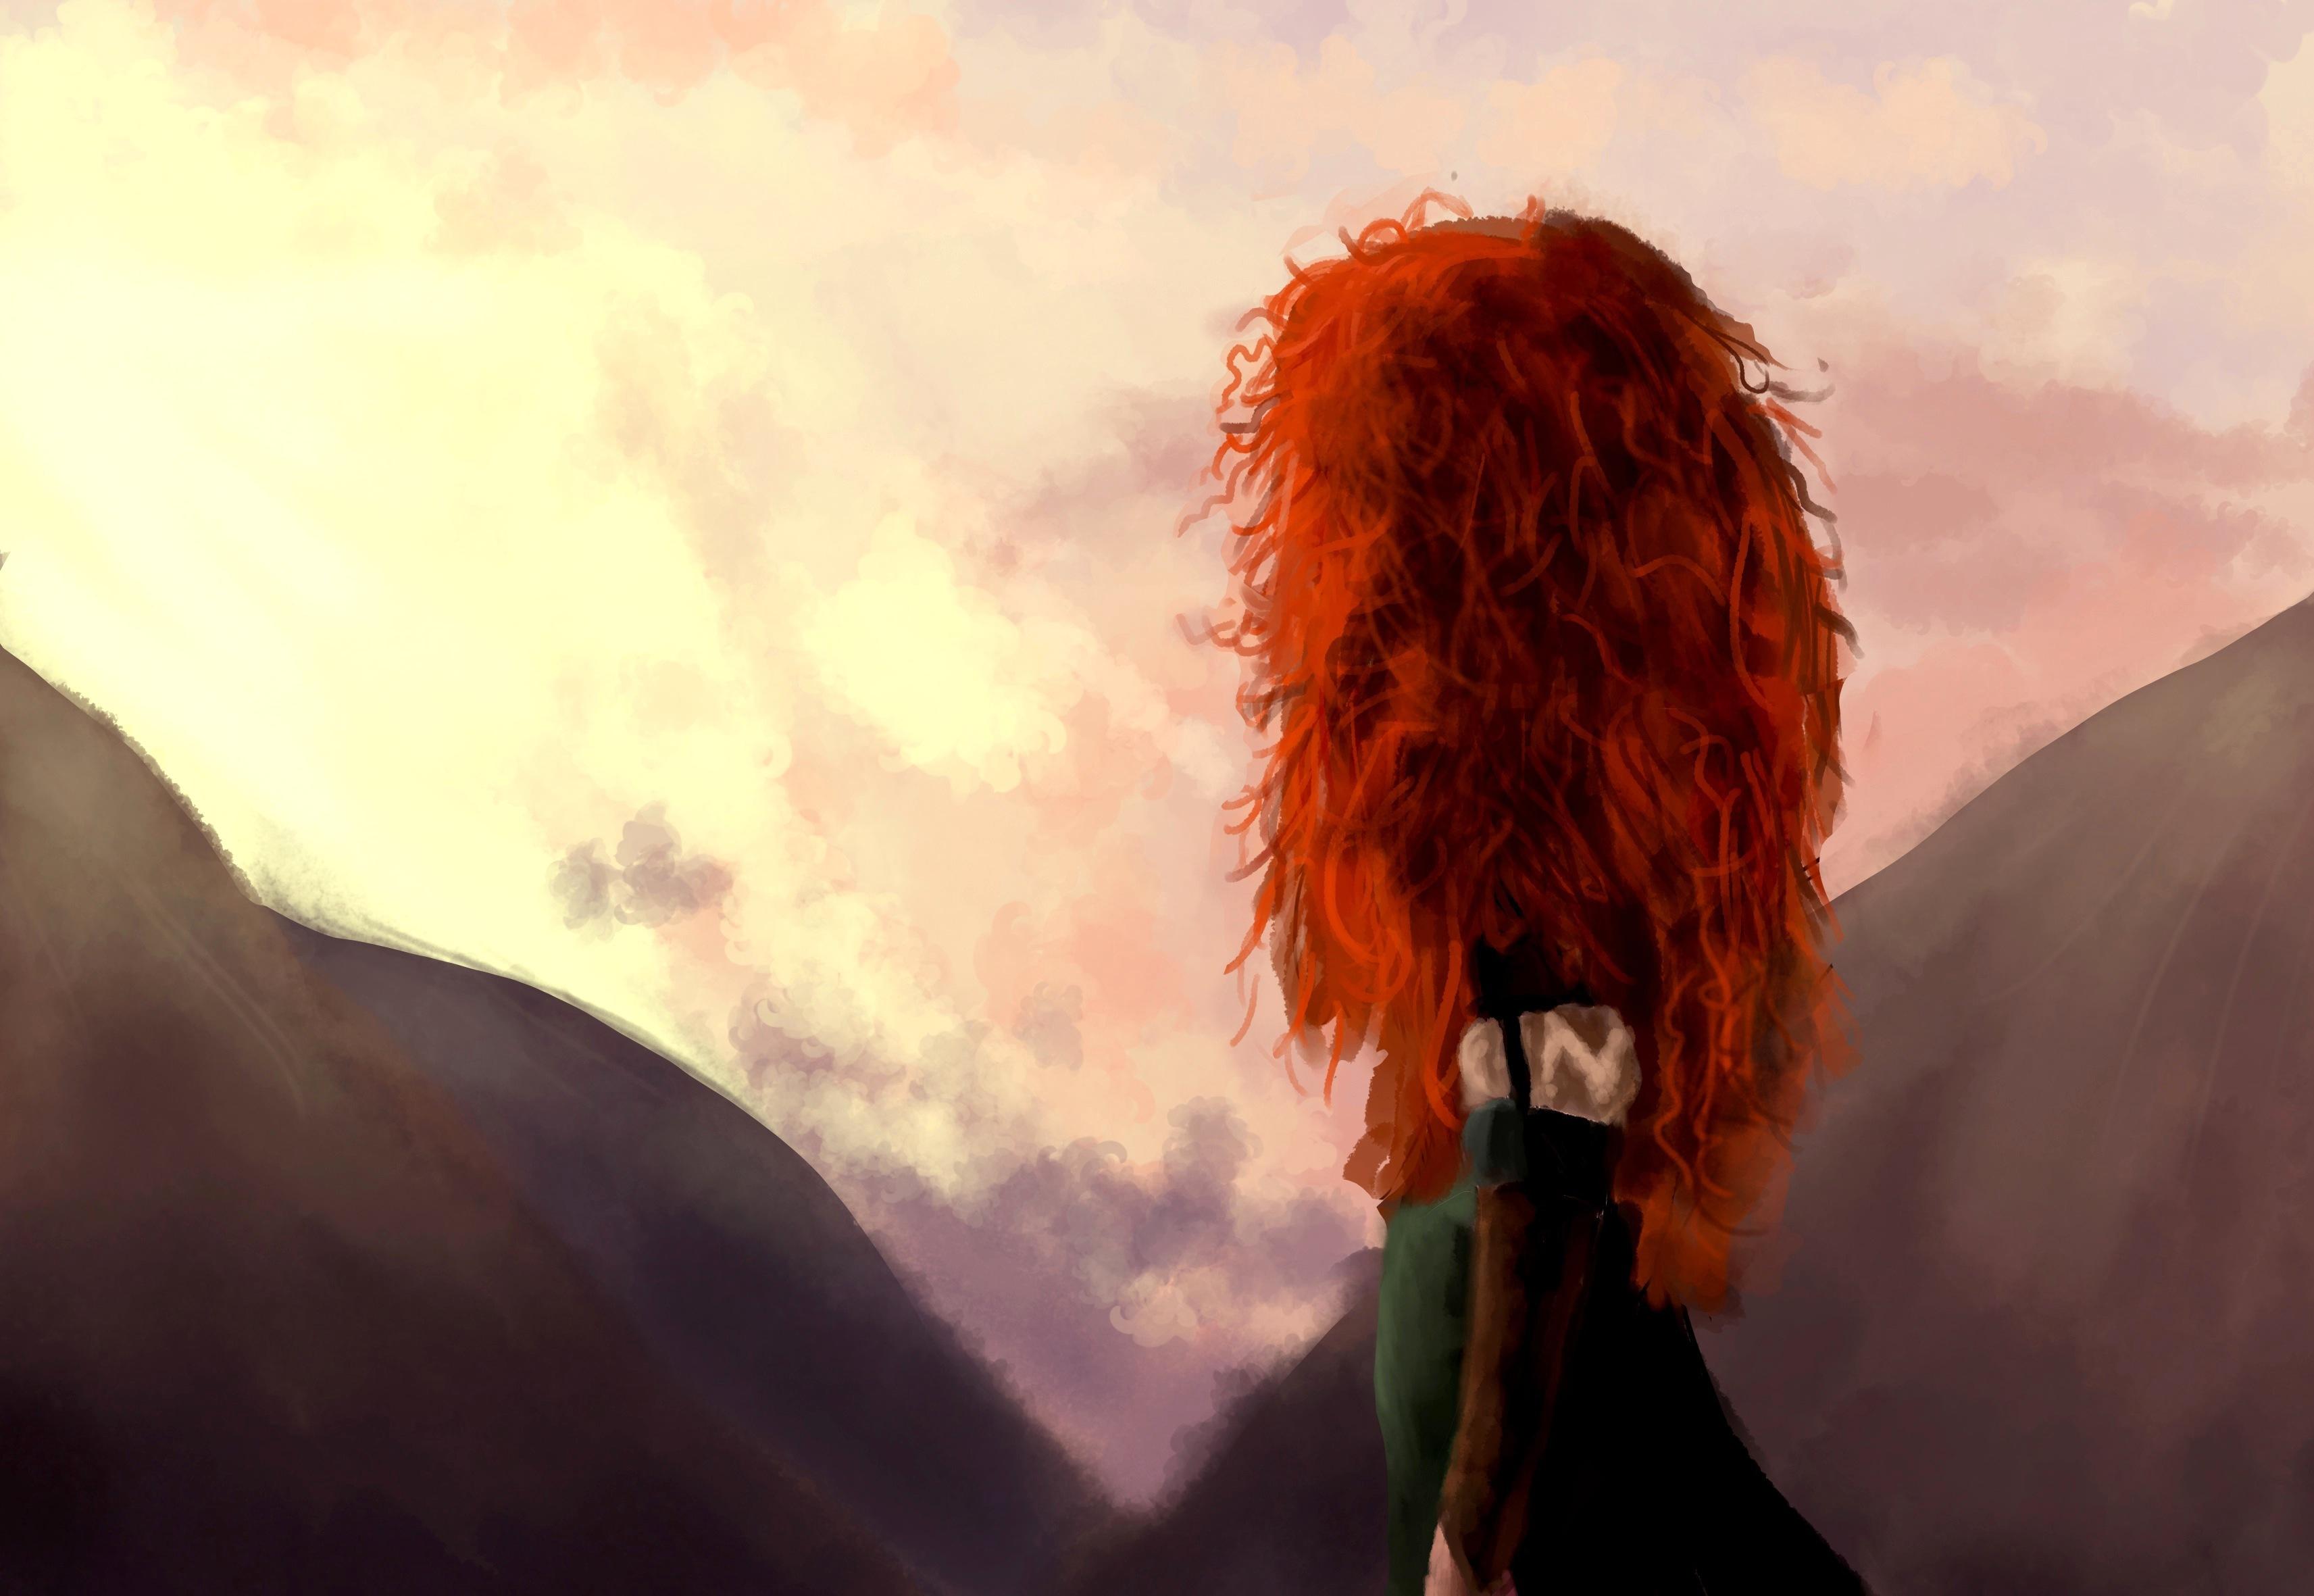 Фотографии девушек с рыжими волосами со спины, Рыжие девушки со спины (36 фото) 15 фотография